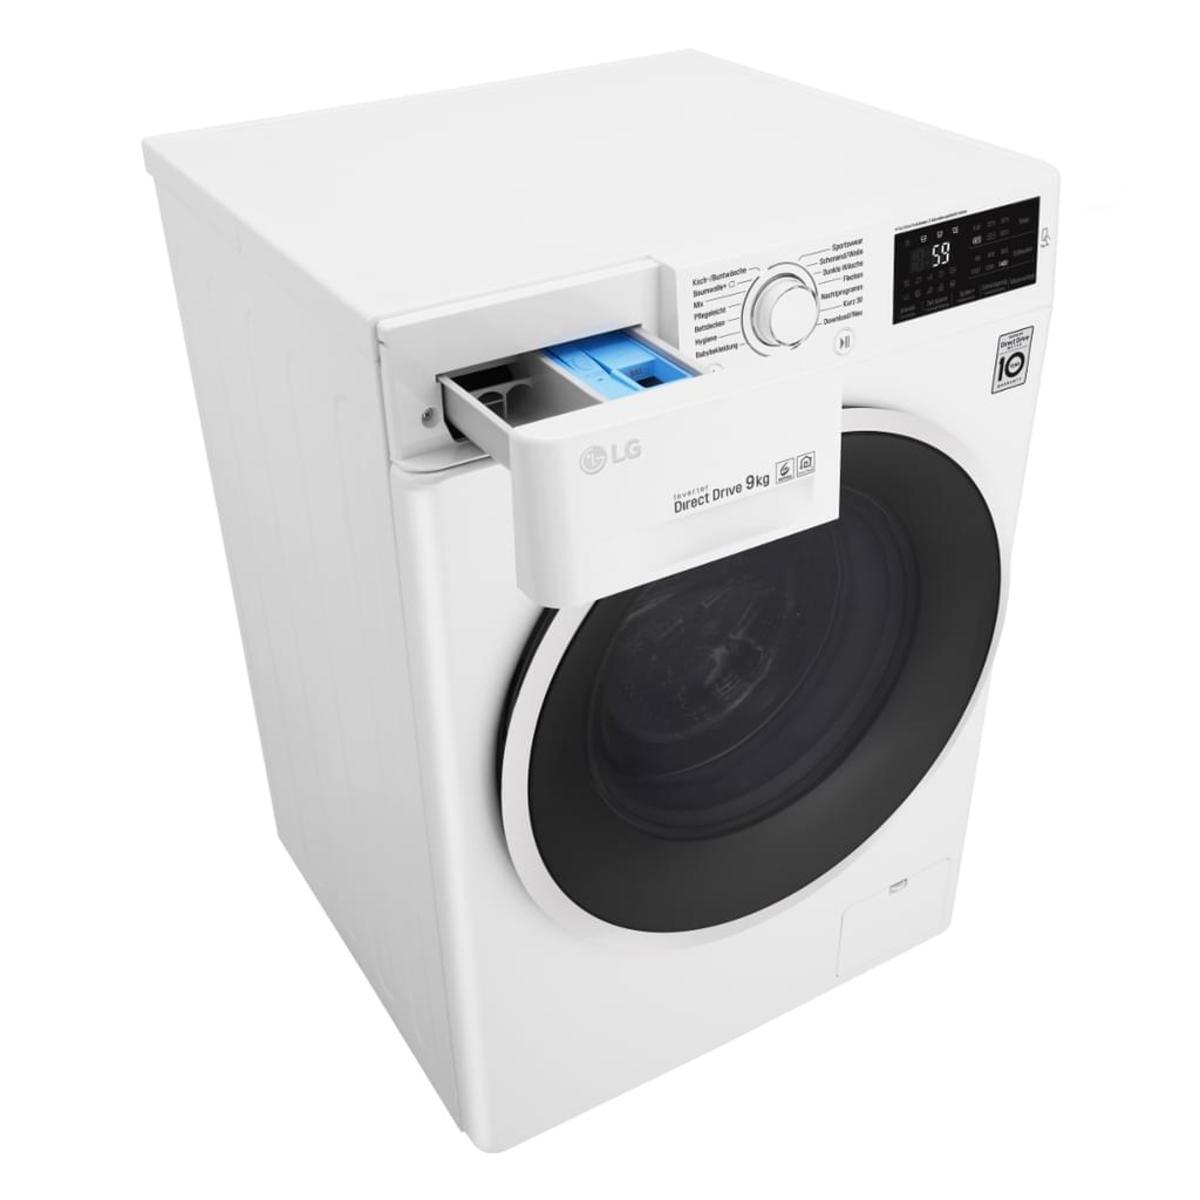 Bild 4 von LG Waschmaschine F 14 WM9 EN0 A+++